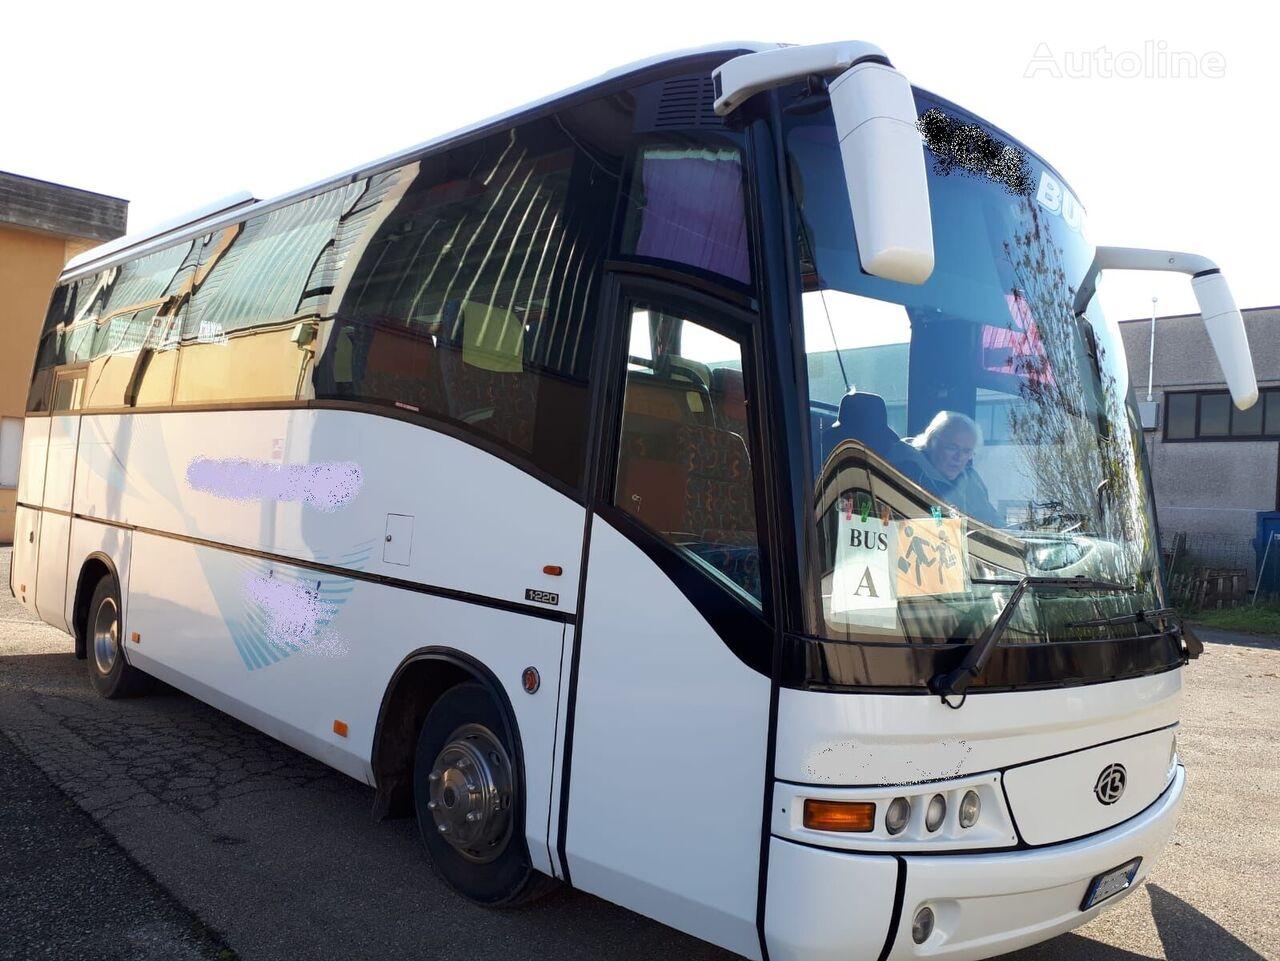 MAN BEULAS MIDISTAR 11 220 autobús de turismo